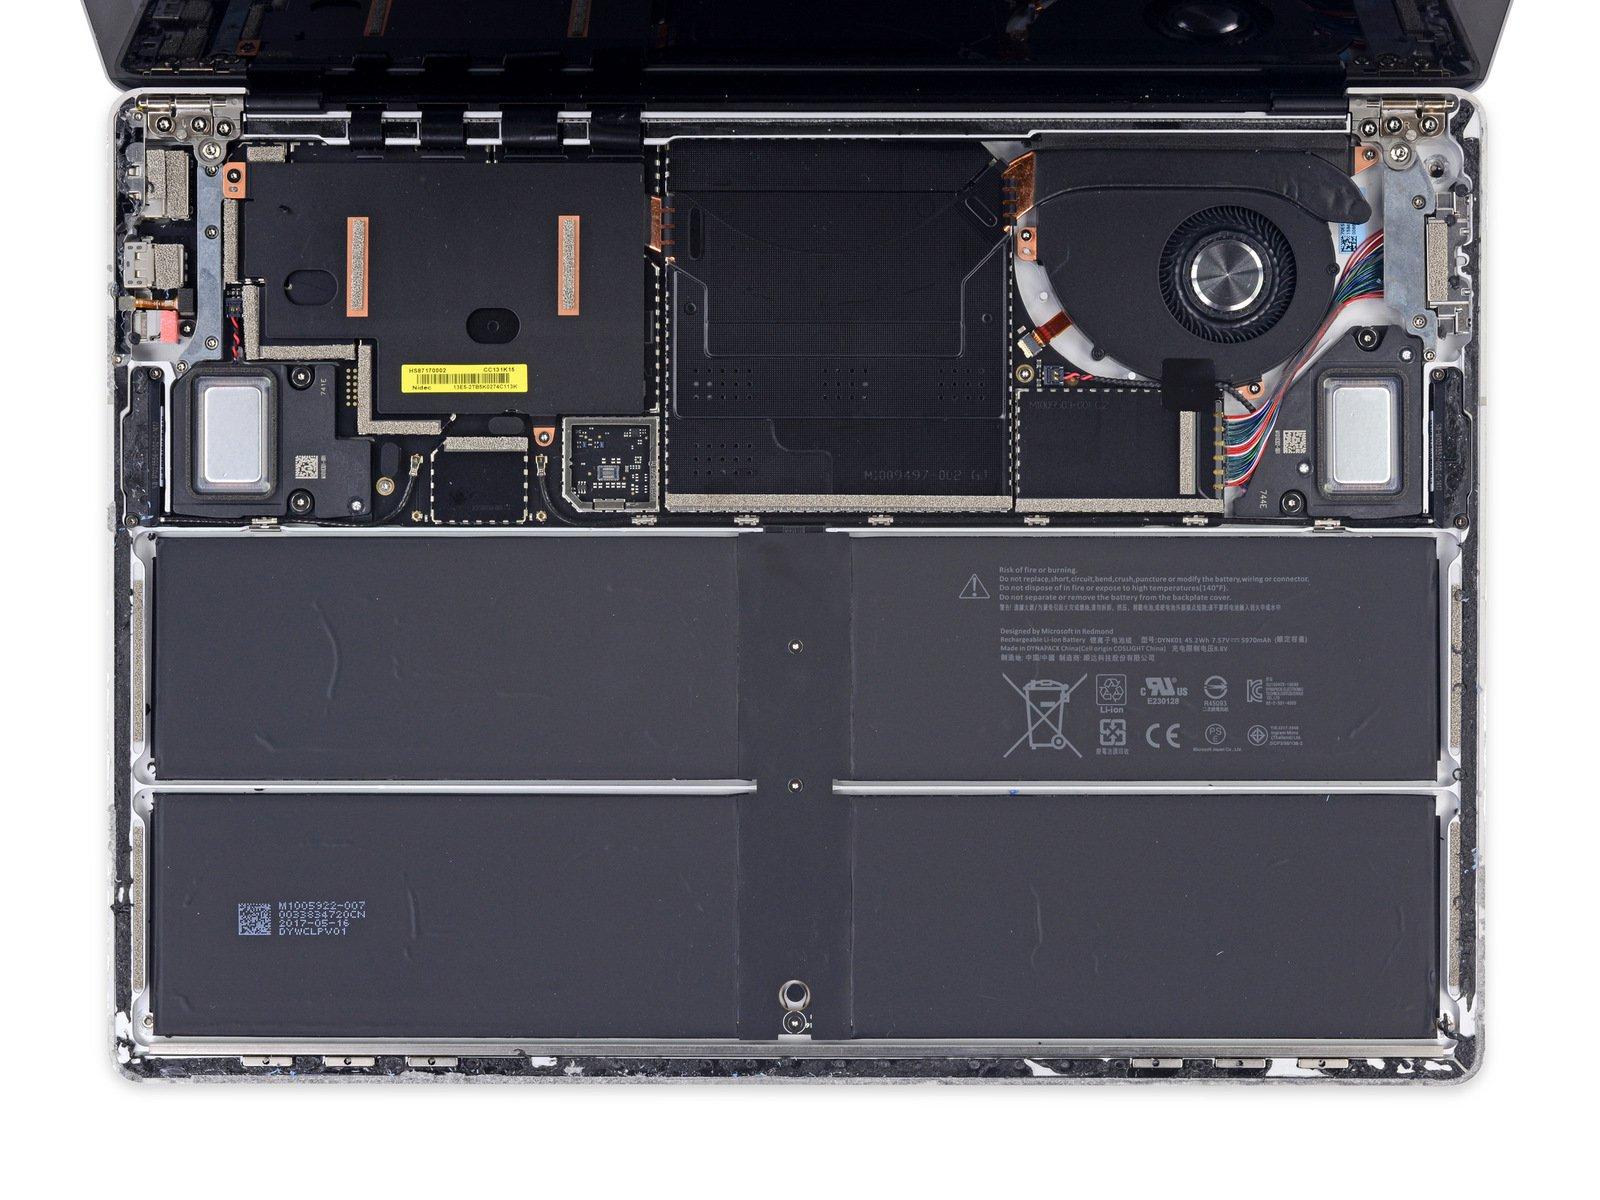 Bên trong Surface Laptop: phải cắt vải, CPU, RAM, SSD hàn chết, 0 điểm iFixit!